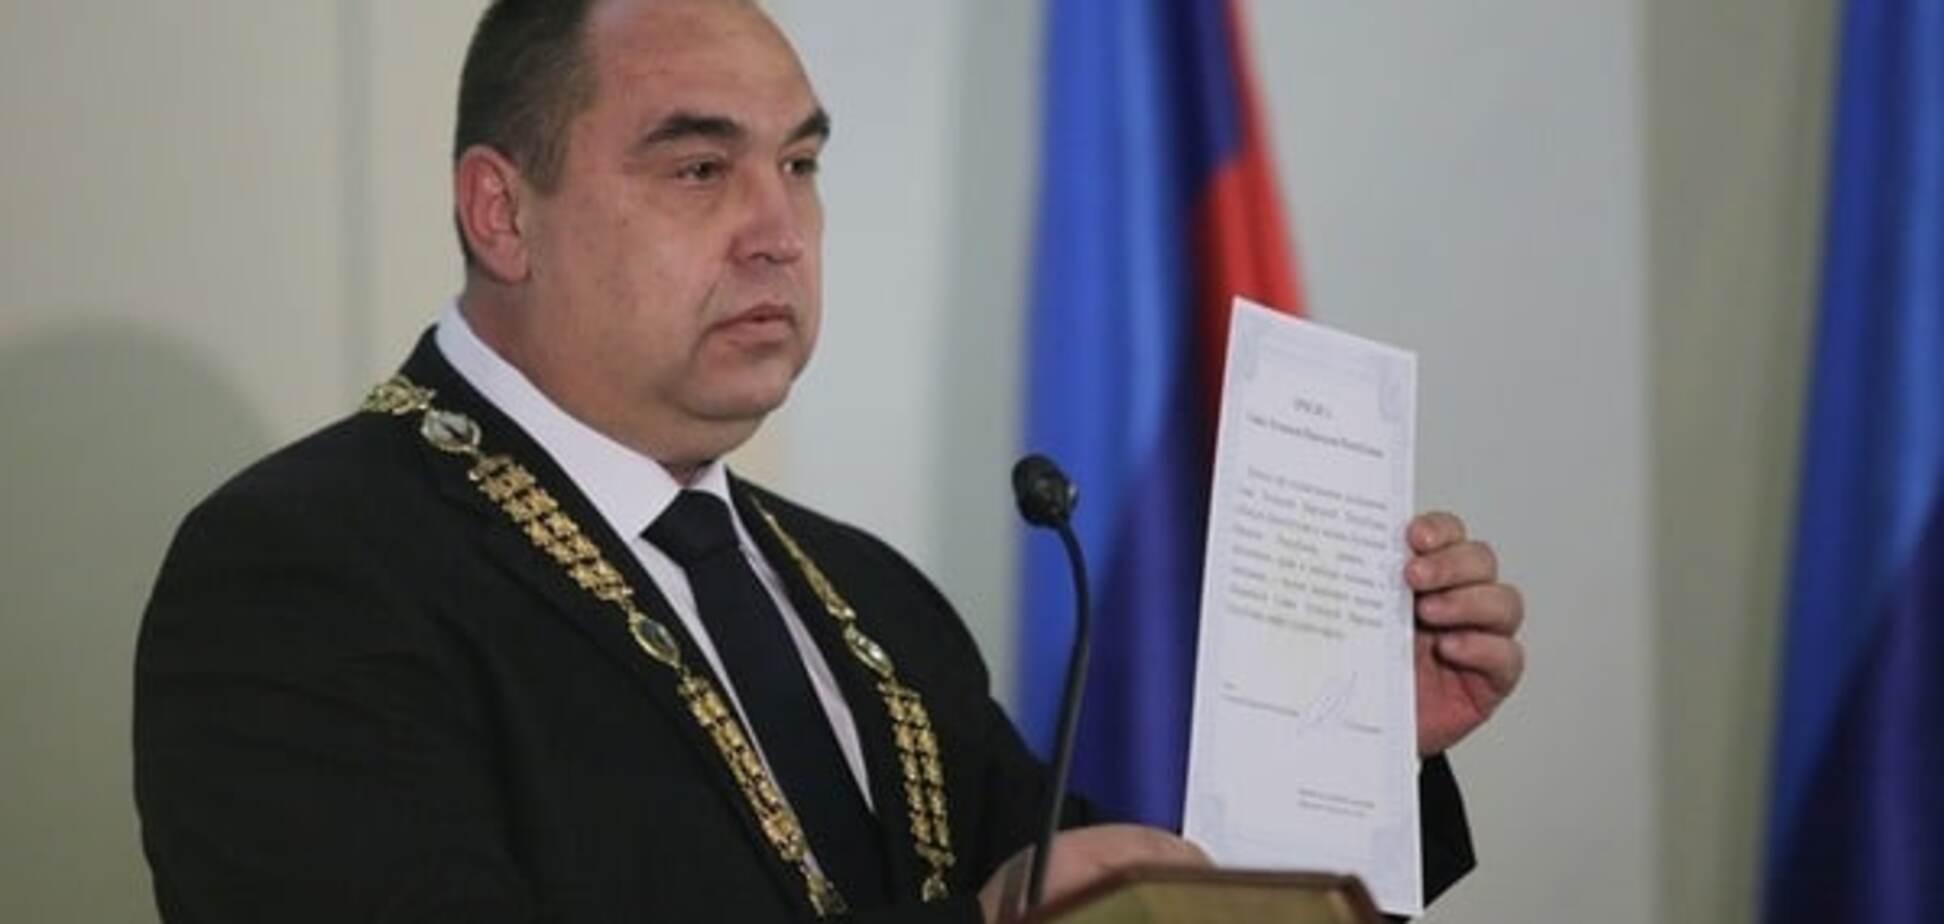 Снєгірьов допустив ліквідацію Дрьомова за наказом ватажка 'ЛНР'